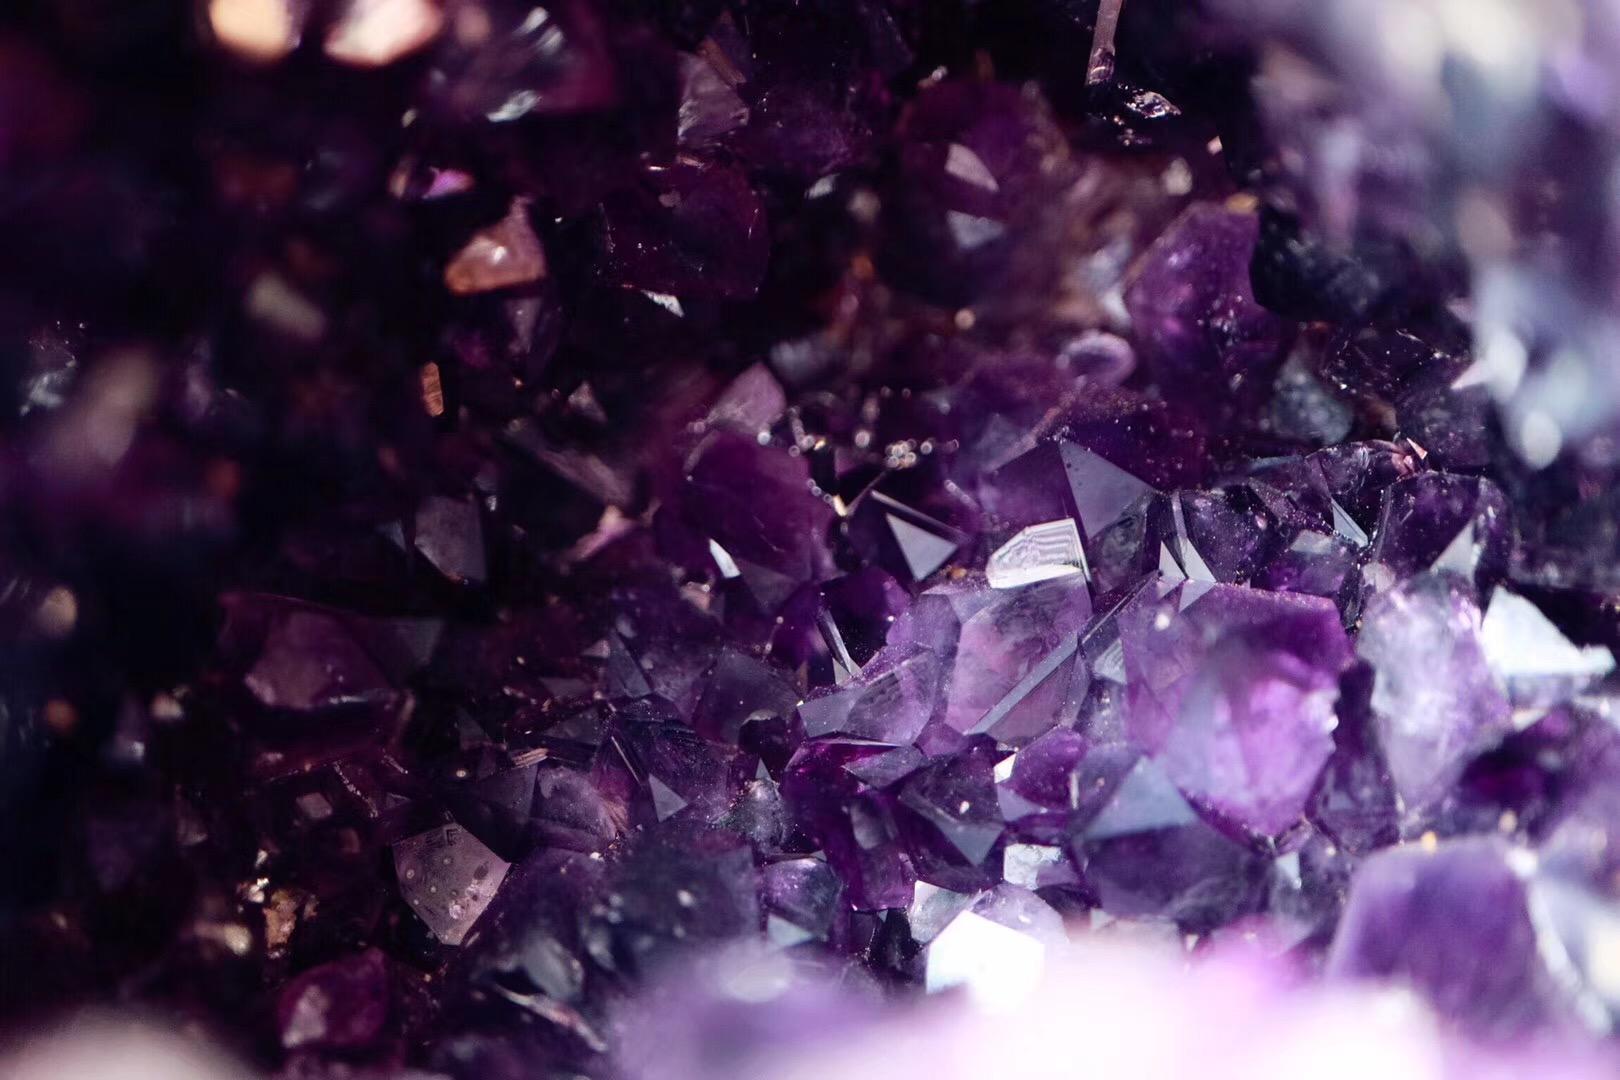 【乌拉圭紫晶洞】能量最是稳定的三角形紫晶洞-菩心晶舍